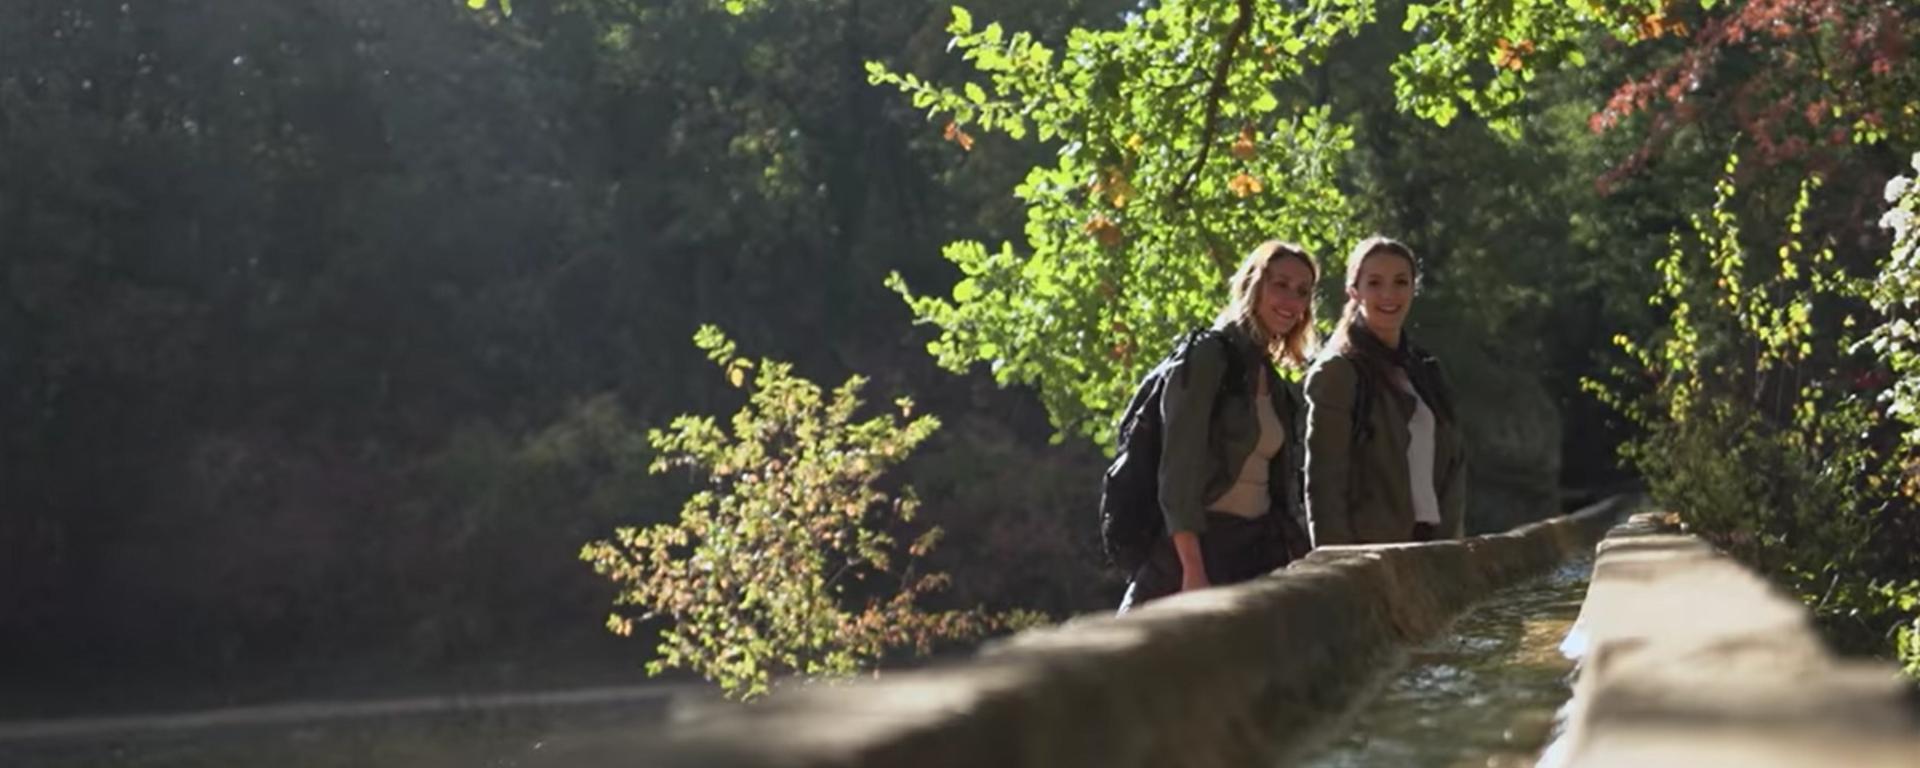 Pays d'Apt Luberon vidéos tourisme vacances ocres